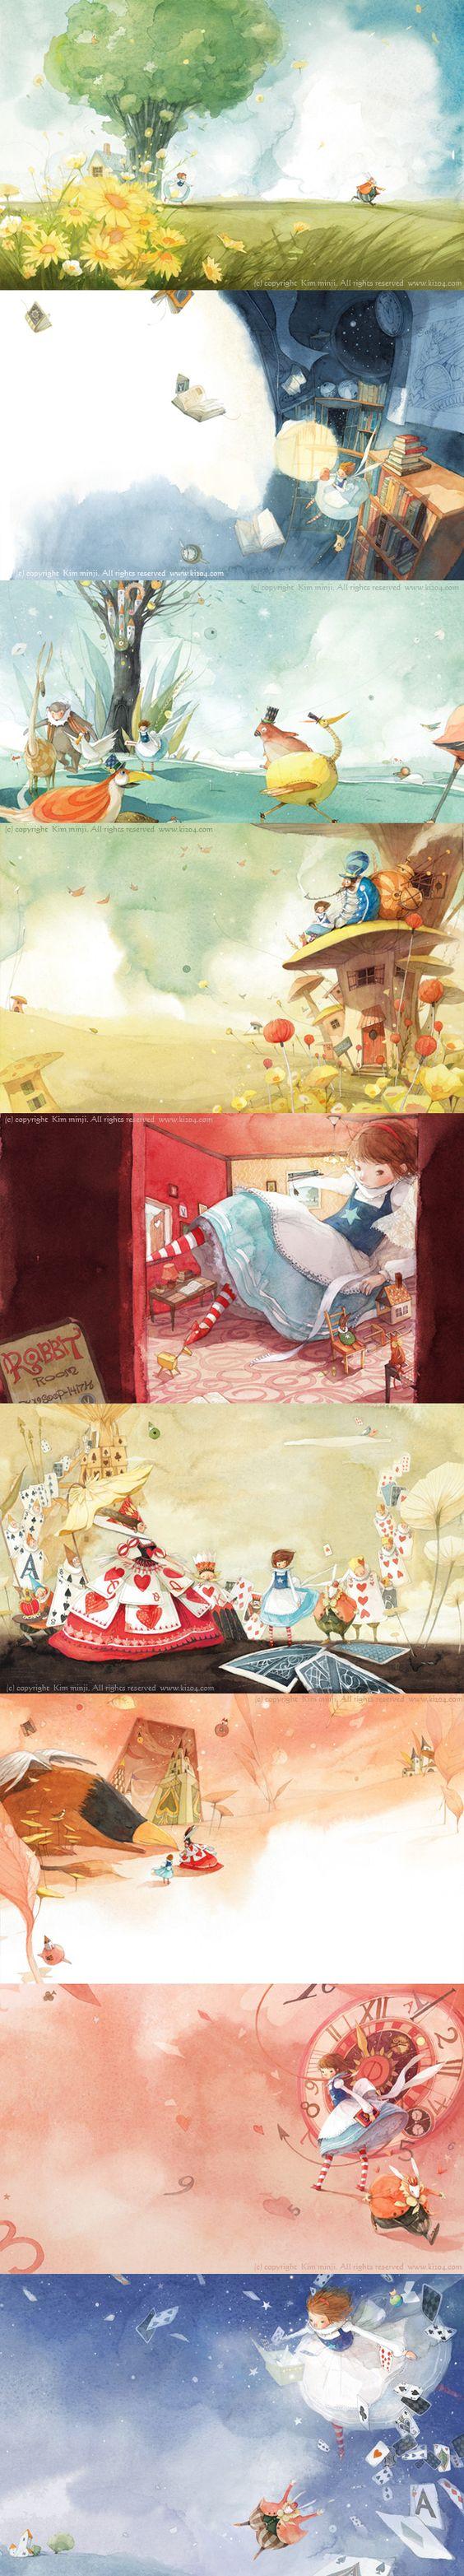 Alice by Kim Min Ji